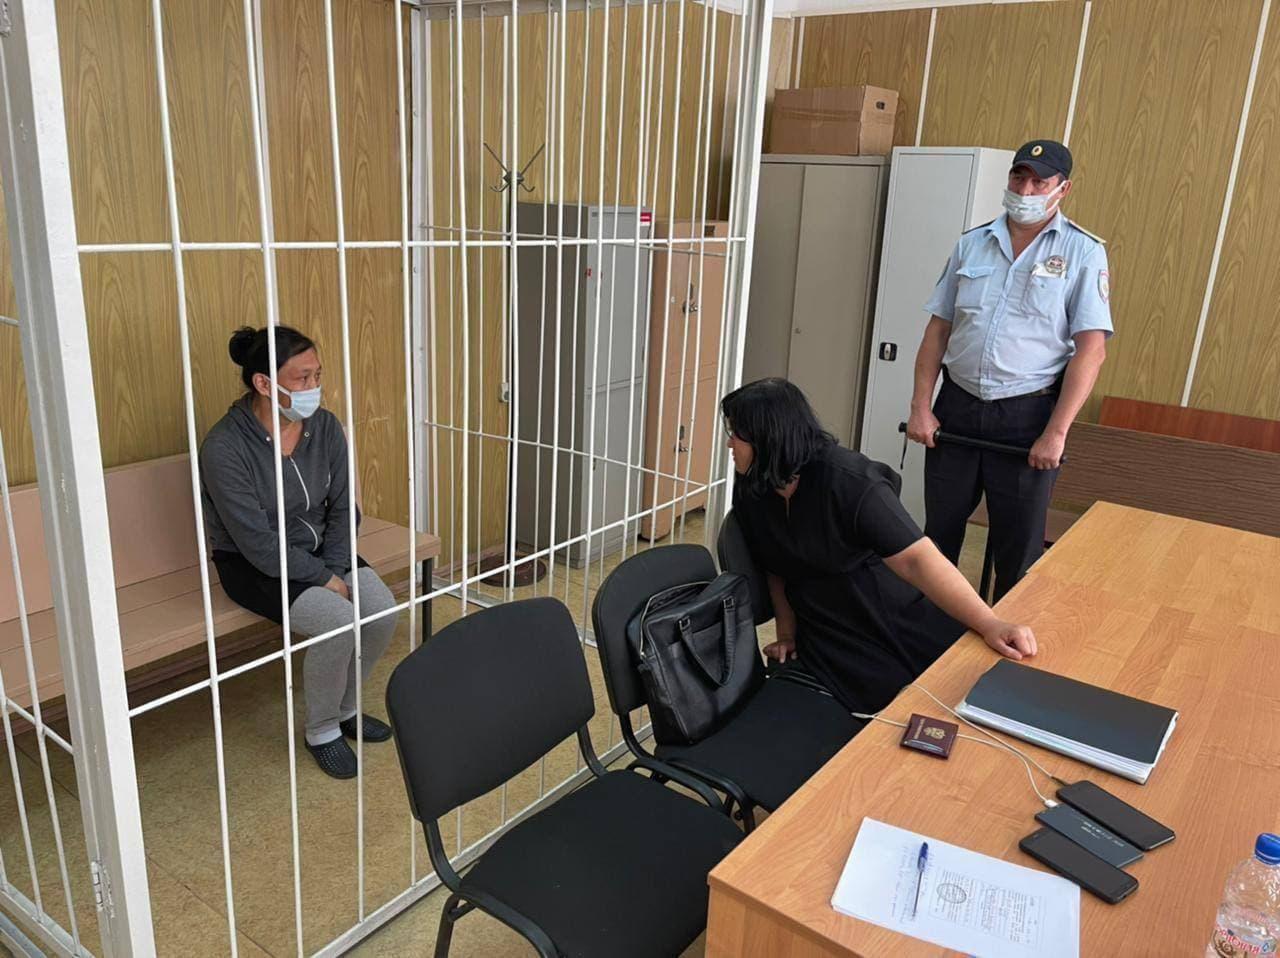 Суд приговорил 41-летнюю женщину, оставившую новорождённую дочь в мусорном контейнере в Хамовниках, к 2,5 годам в исправительной колонии общего режима.